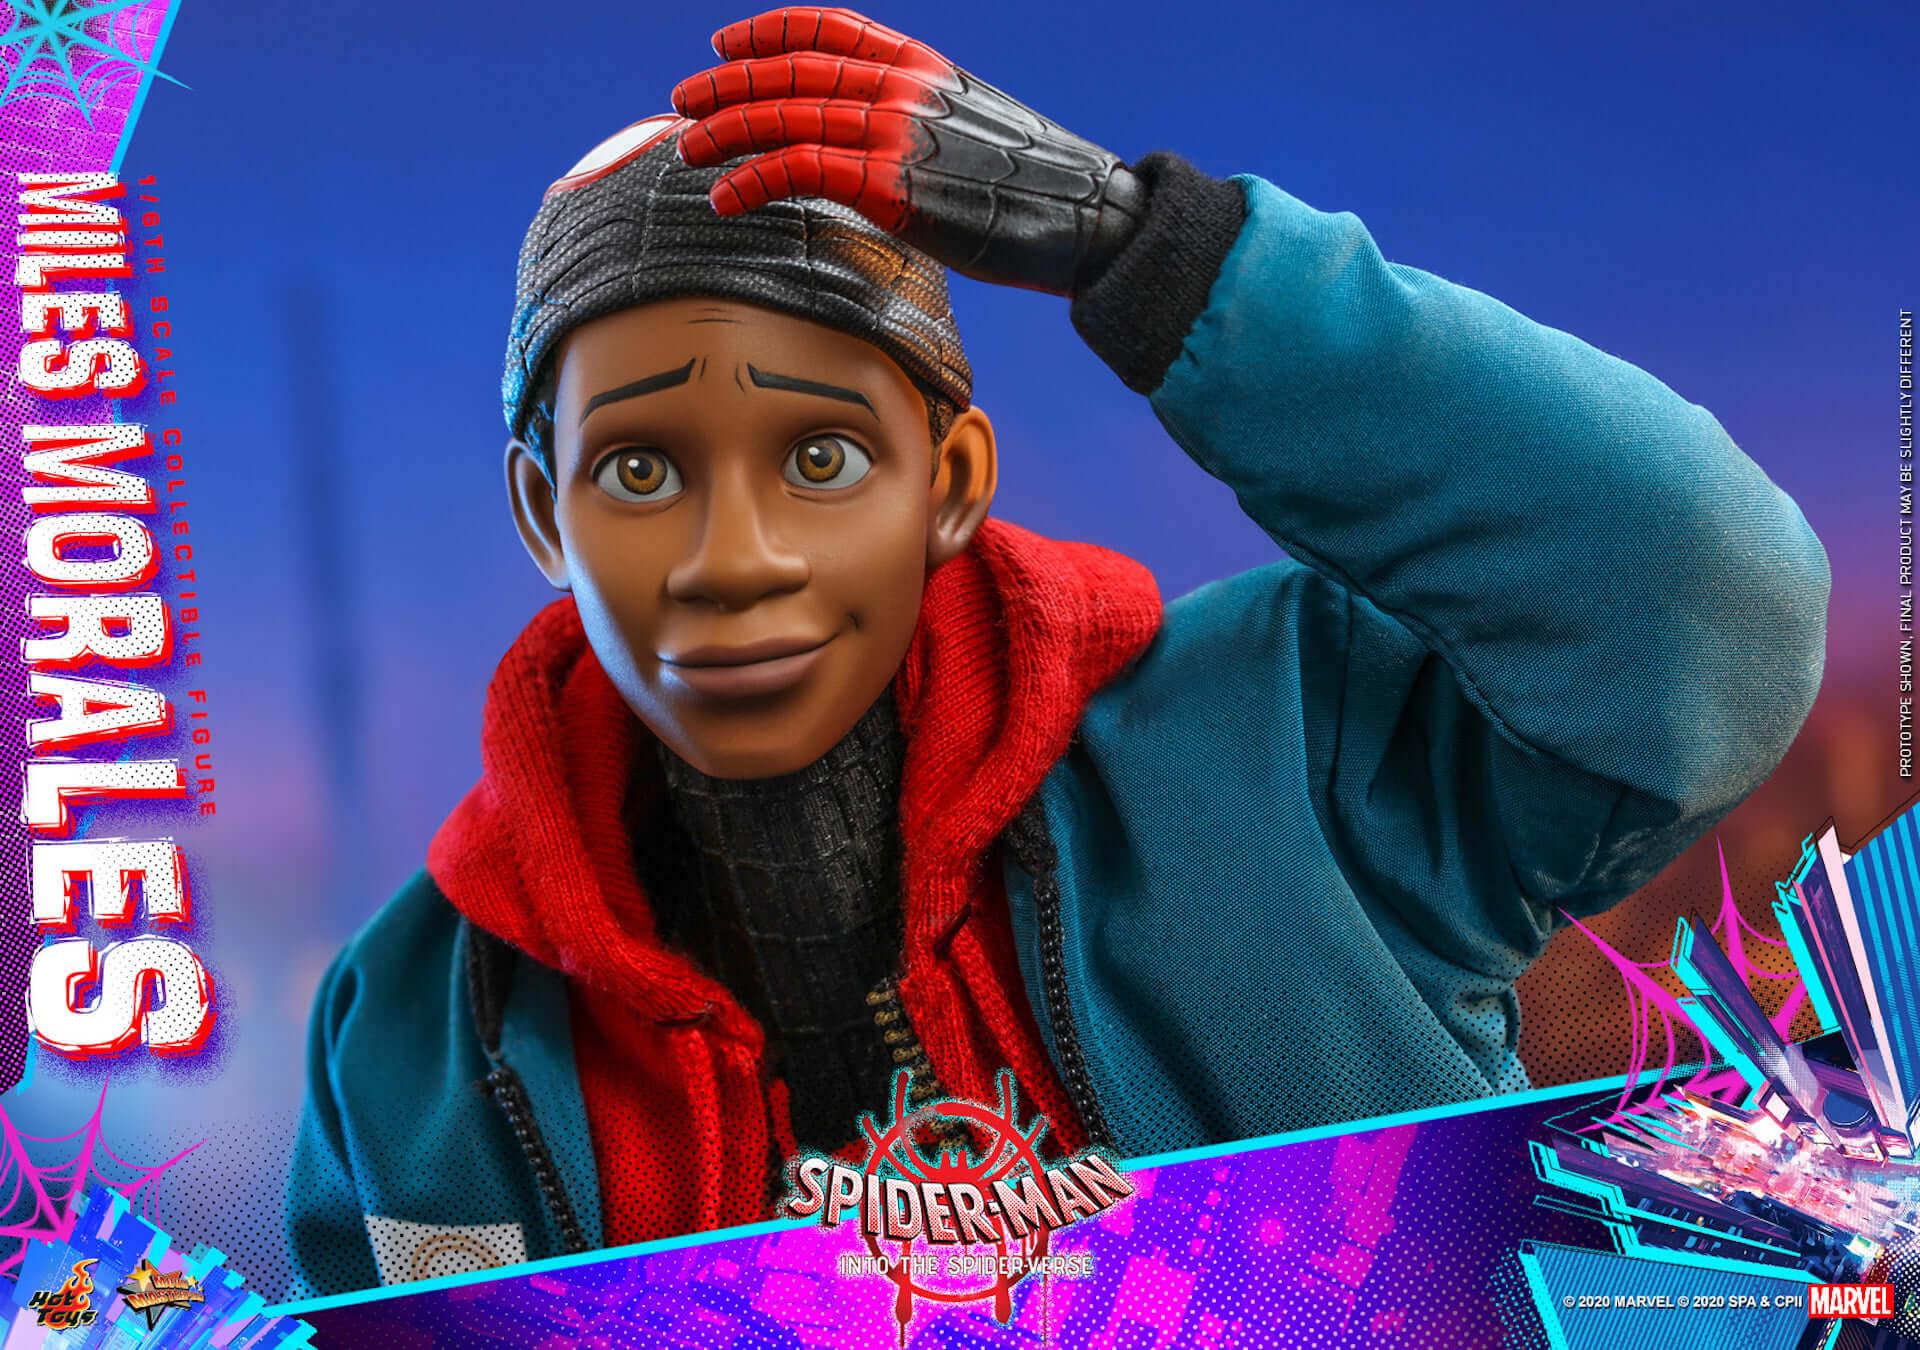 ついに『スパイダーマン:スパイダーバース』のマイルス・スパイダーマンがフィギュアに!ホットトイズ「ムービー・マスターピース」シリーズ新登場 film200310_spiderman_5-1920x1350